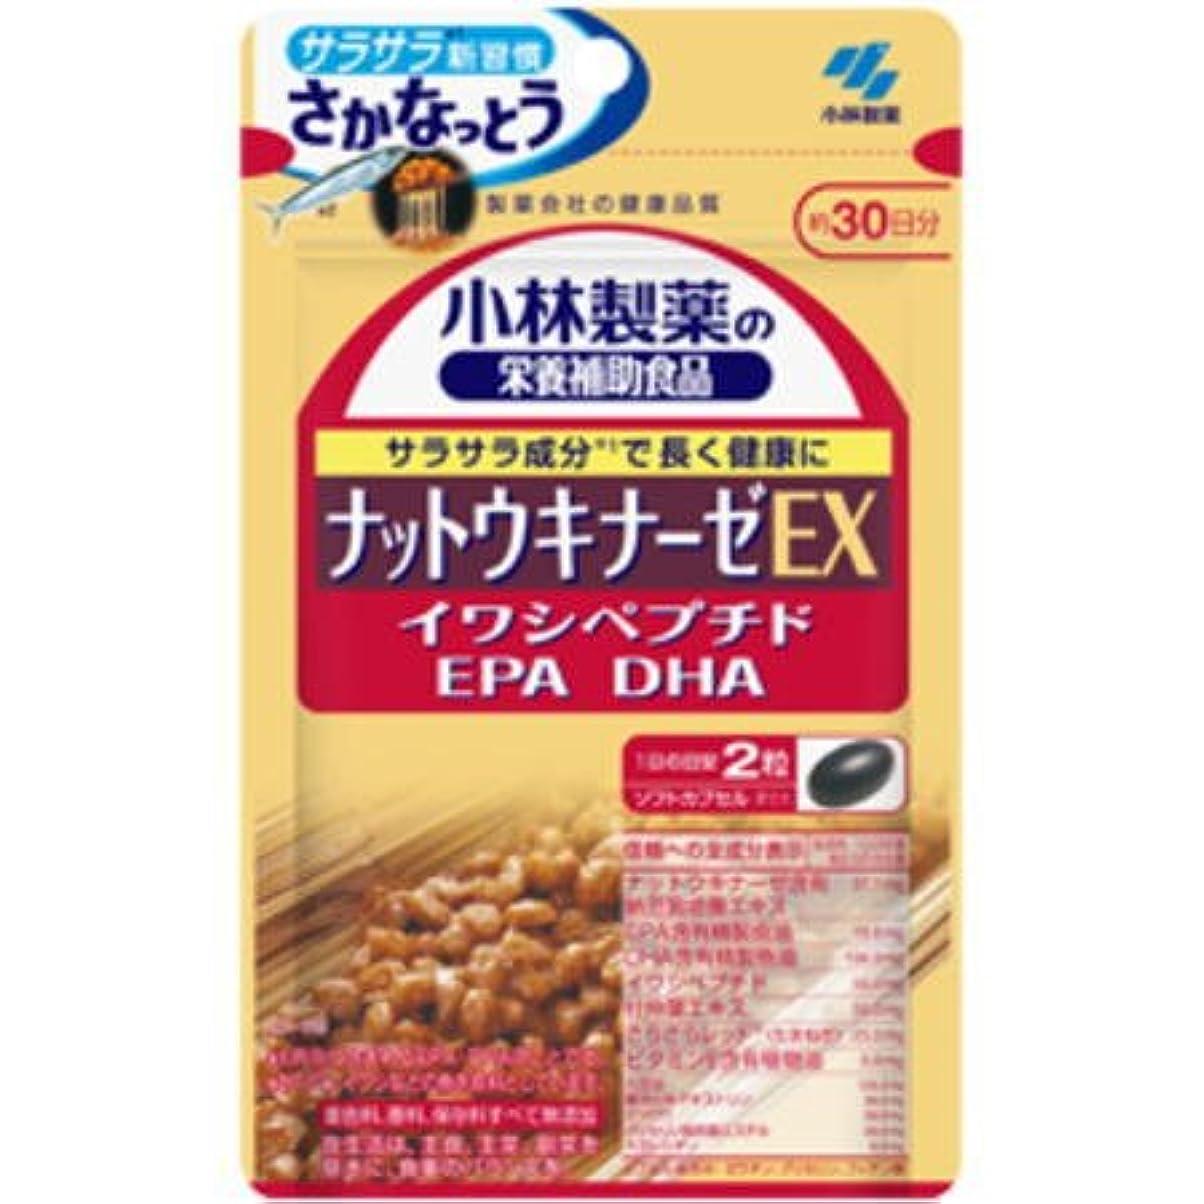 ナットウキナーゼEX(60粒×2個セット)